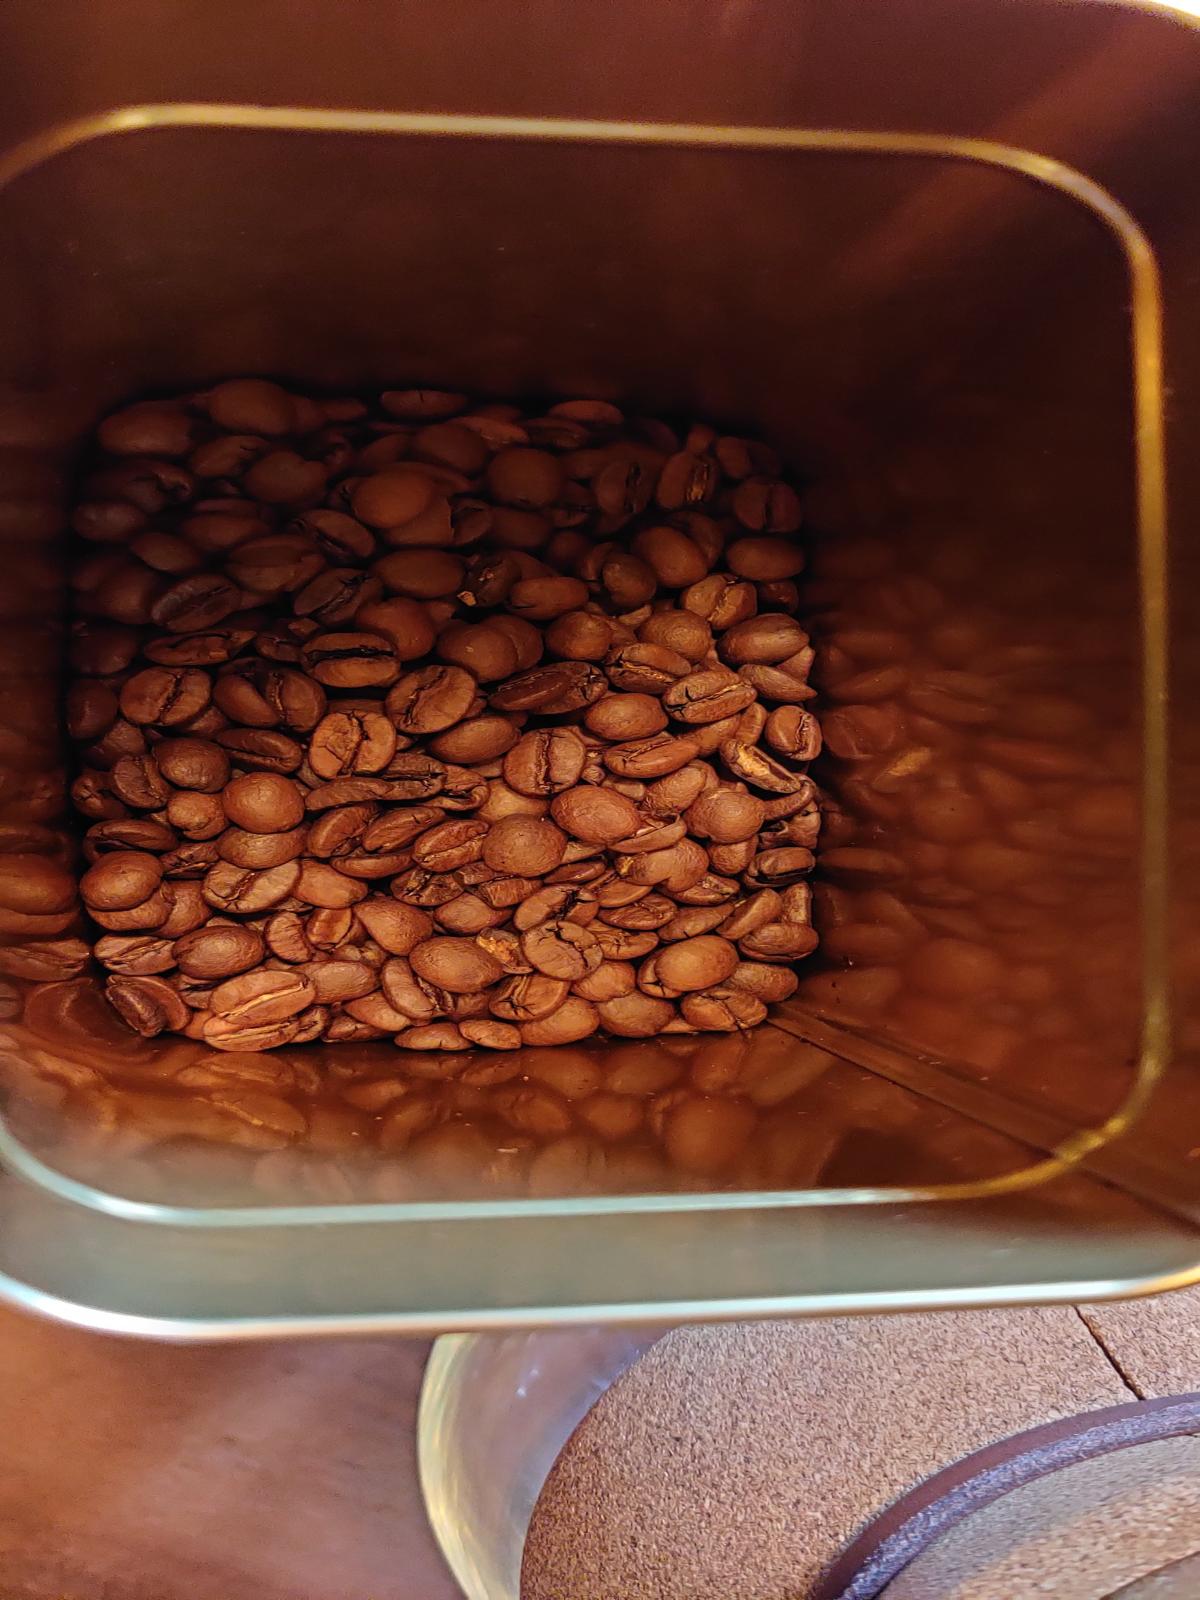 5 einfache Wege, wie Kaffee zur psychischen Gesundheit beitragen kann